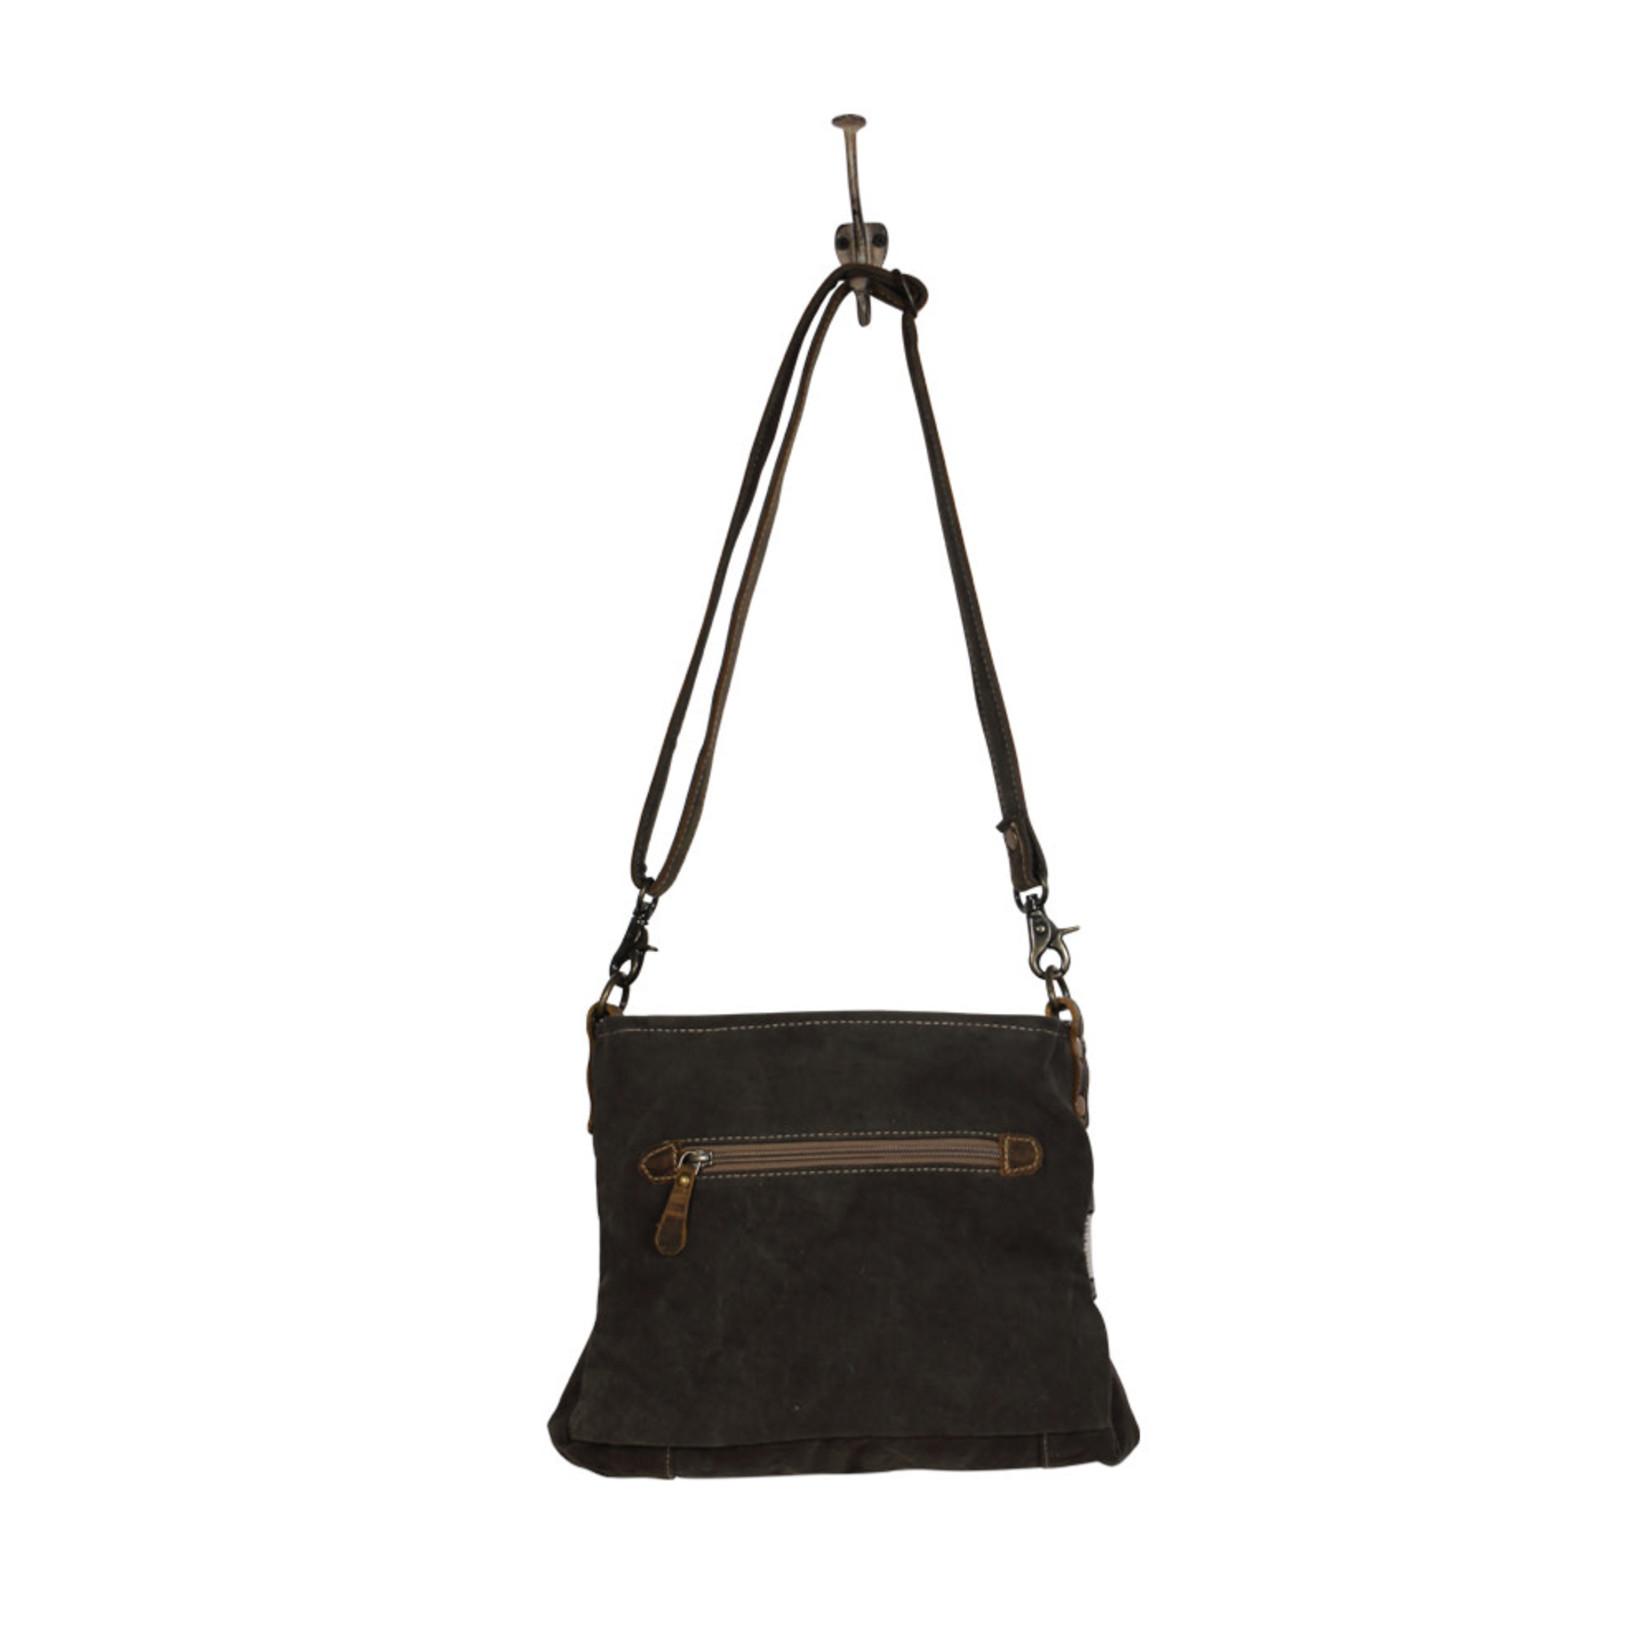 Myra Bags S-2025 Cutesy Small & Crossbody Bag